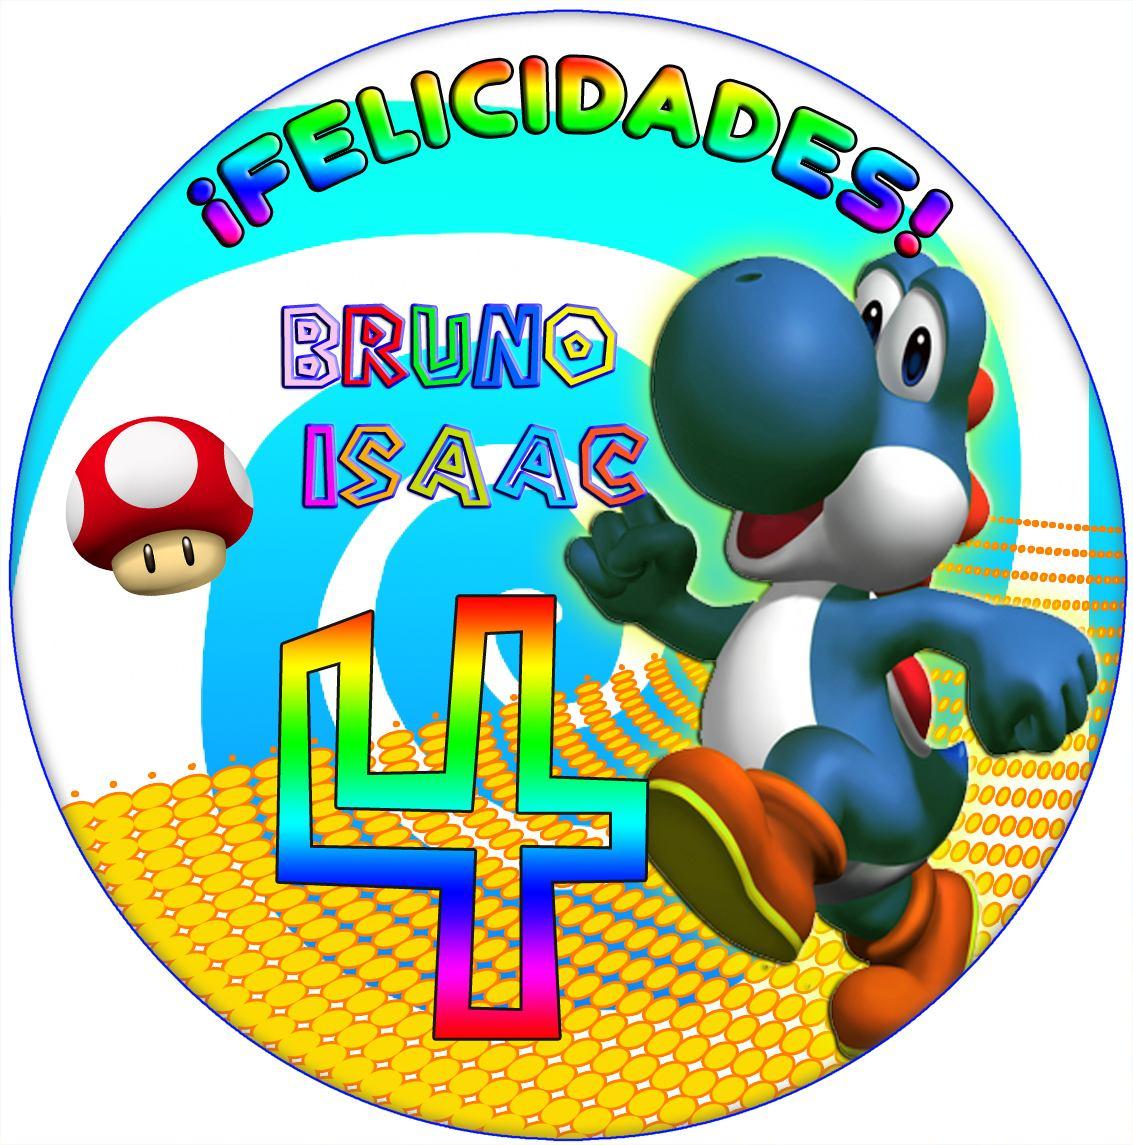 Imagenes Yoshi Mario Bross Etiquetas Plantillas Cumple 39 19 En